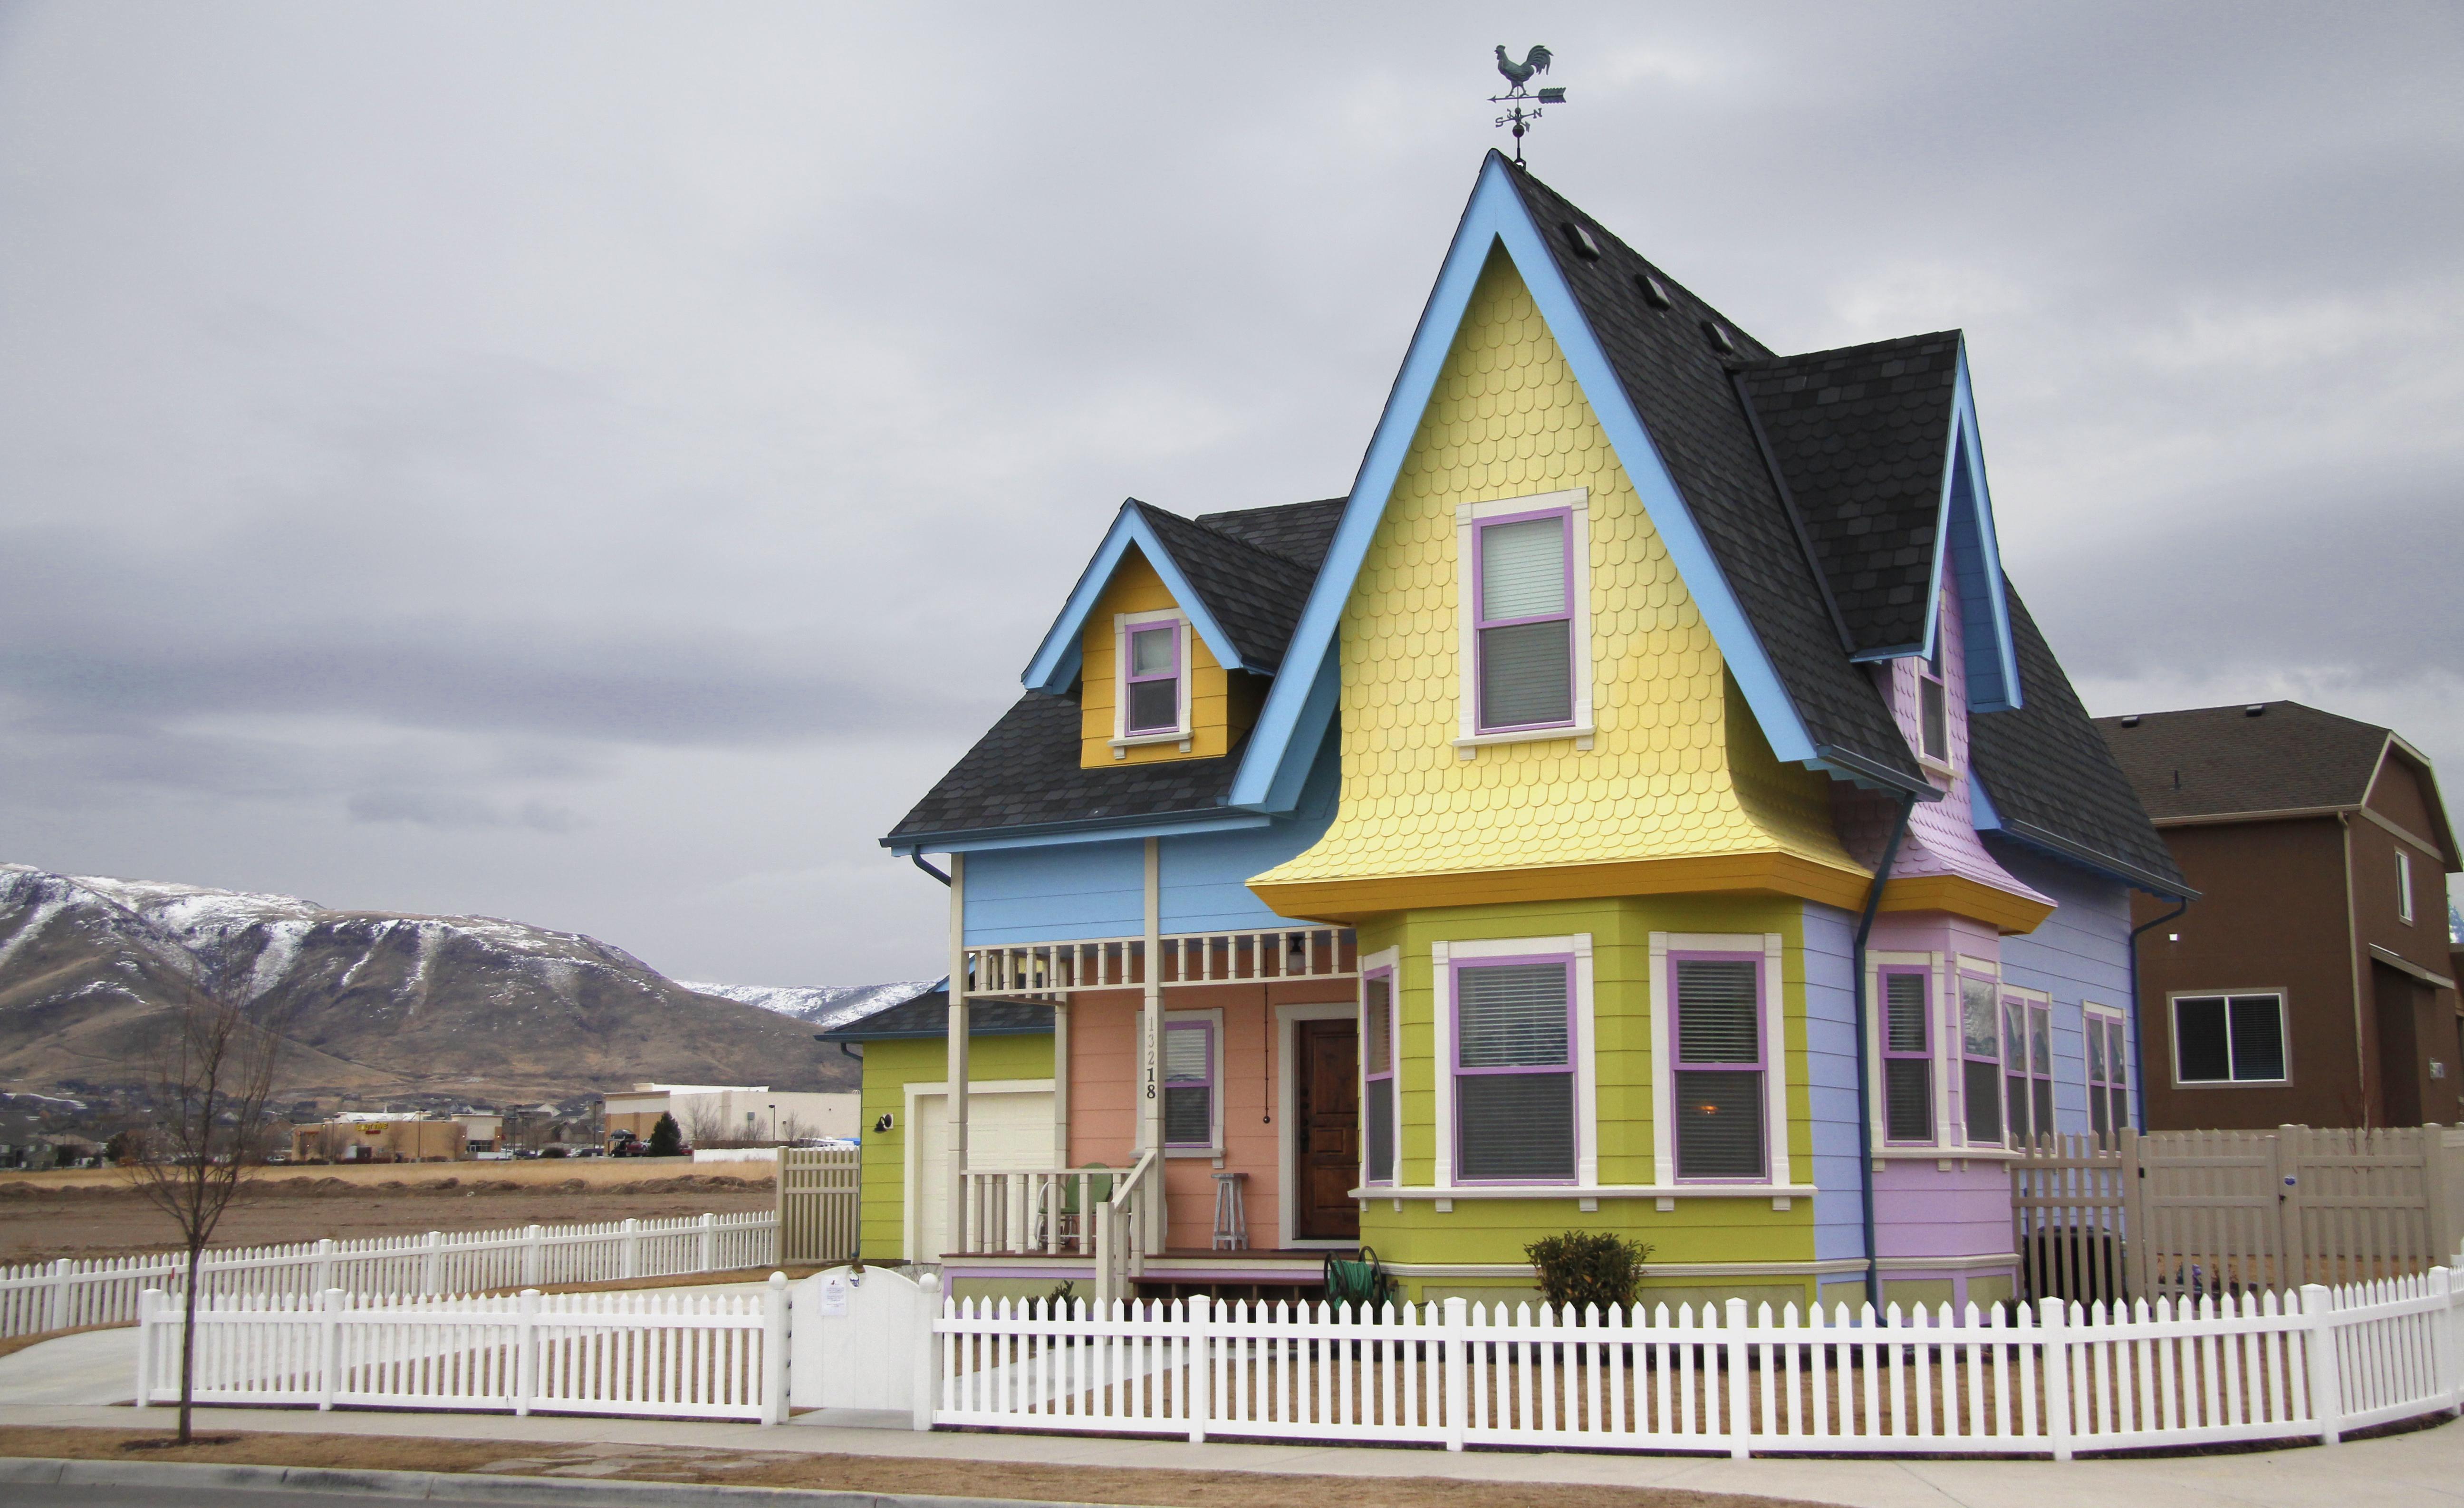 Up house in herriman utah pixar wiki disney pixar for Utah house